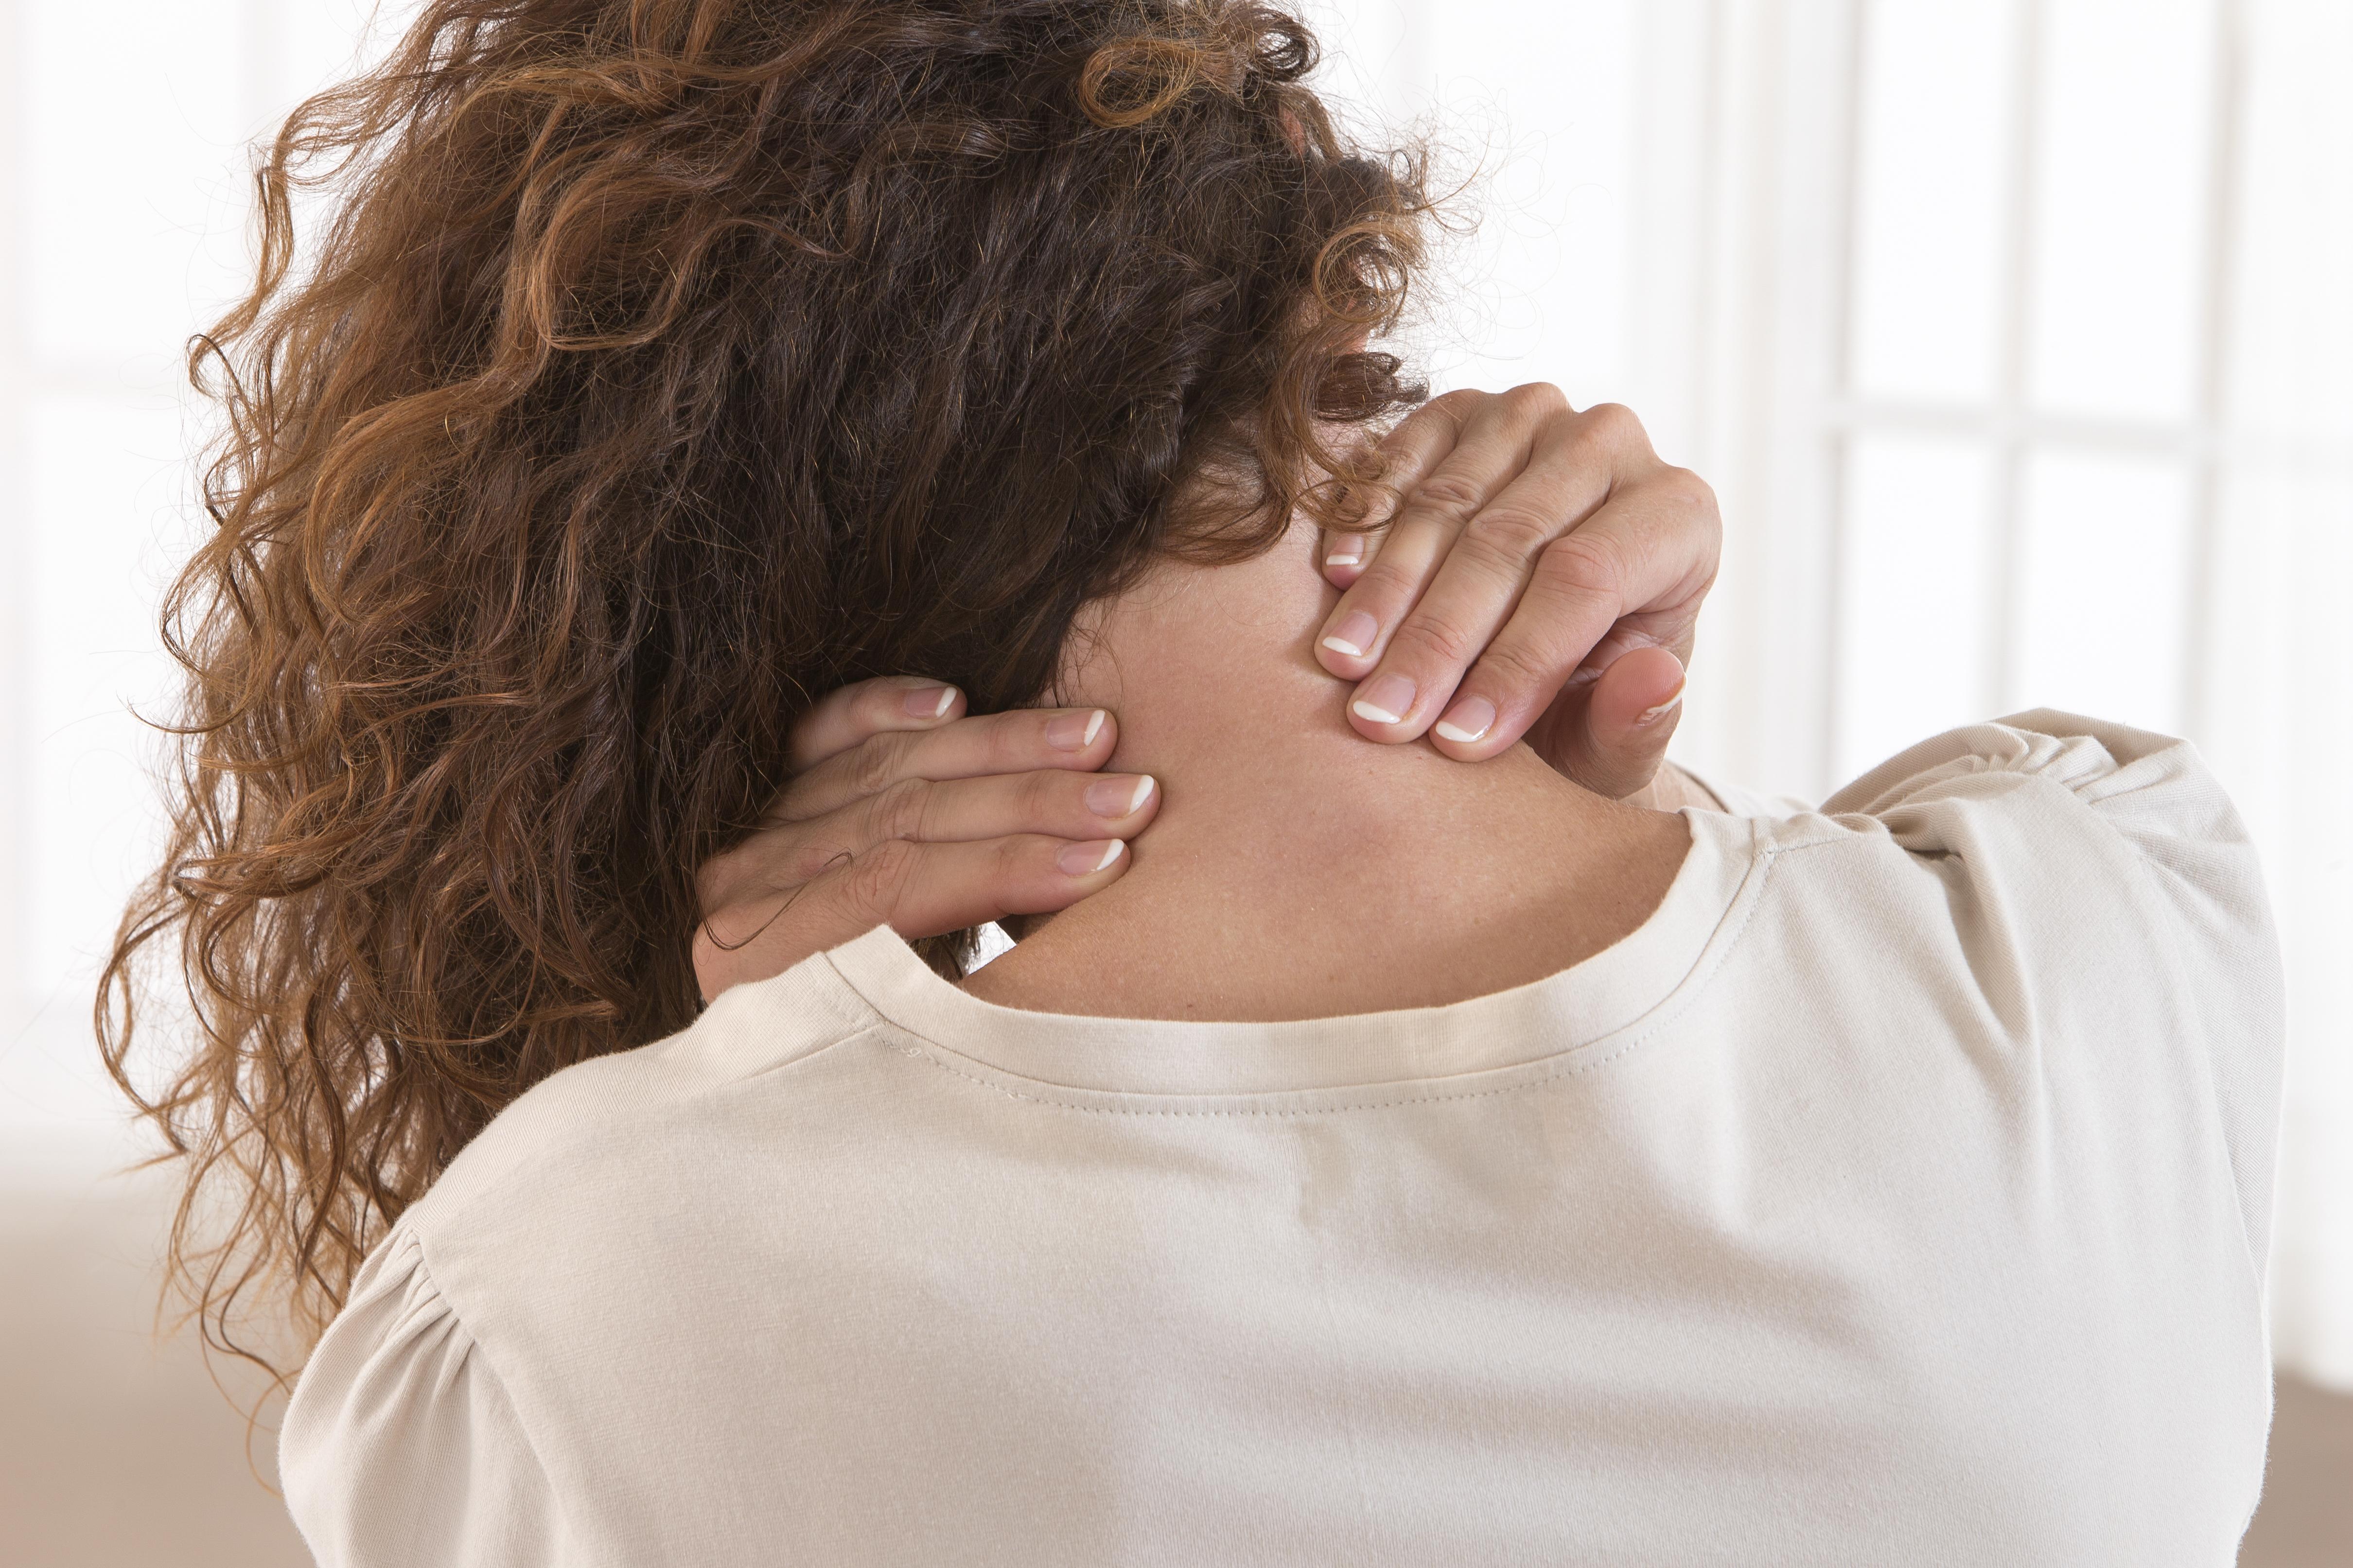 O Que Pode Causar Dor No Corpo